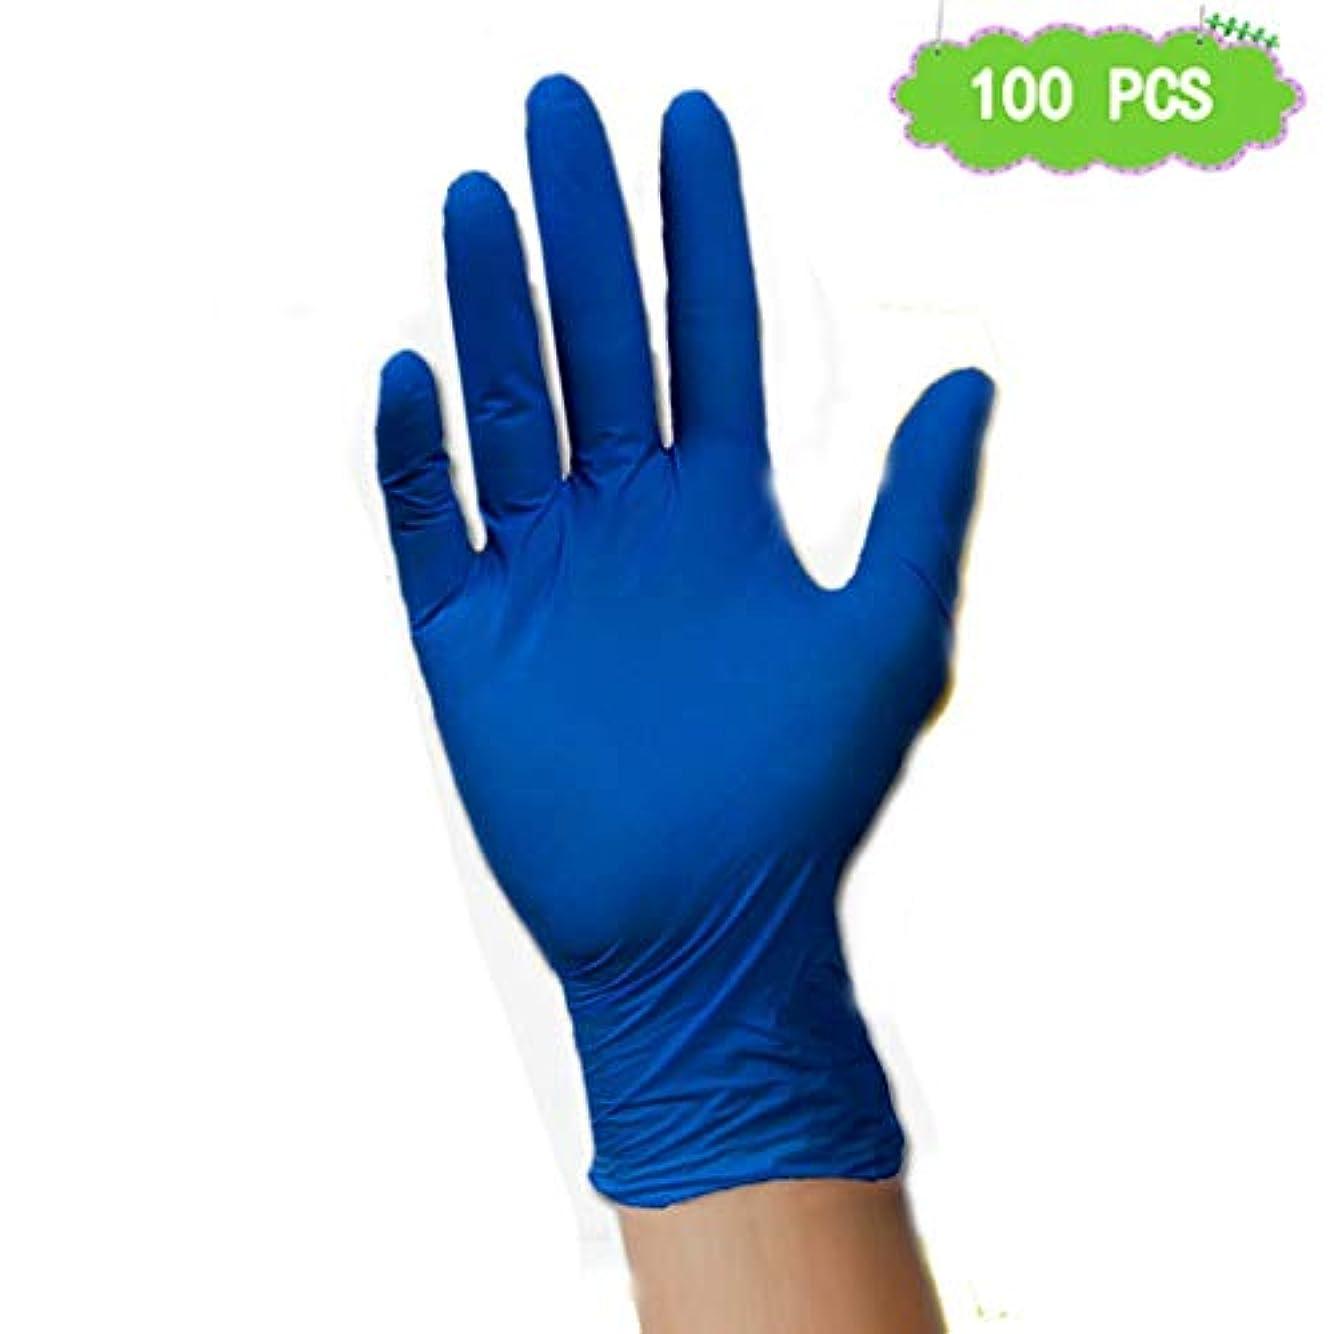 激しい生まれ剣ニトリル手袋、滑り止め使い捨て手袋厚くされた耐油性キッチン浴室の労働保険厚くなる美容院ラテックスフリー、ダークブルーパウダーフリー、100個 (Size : L)